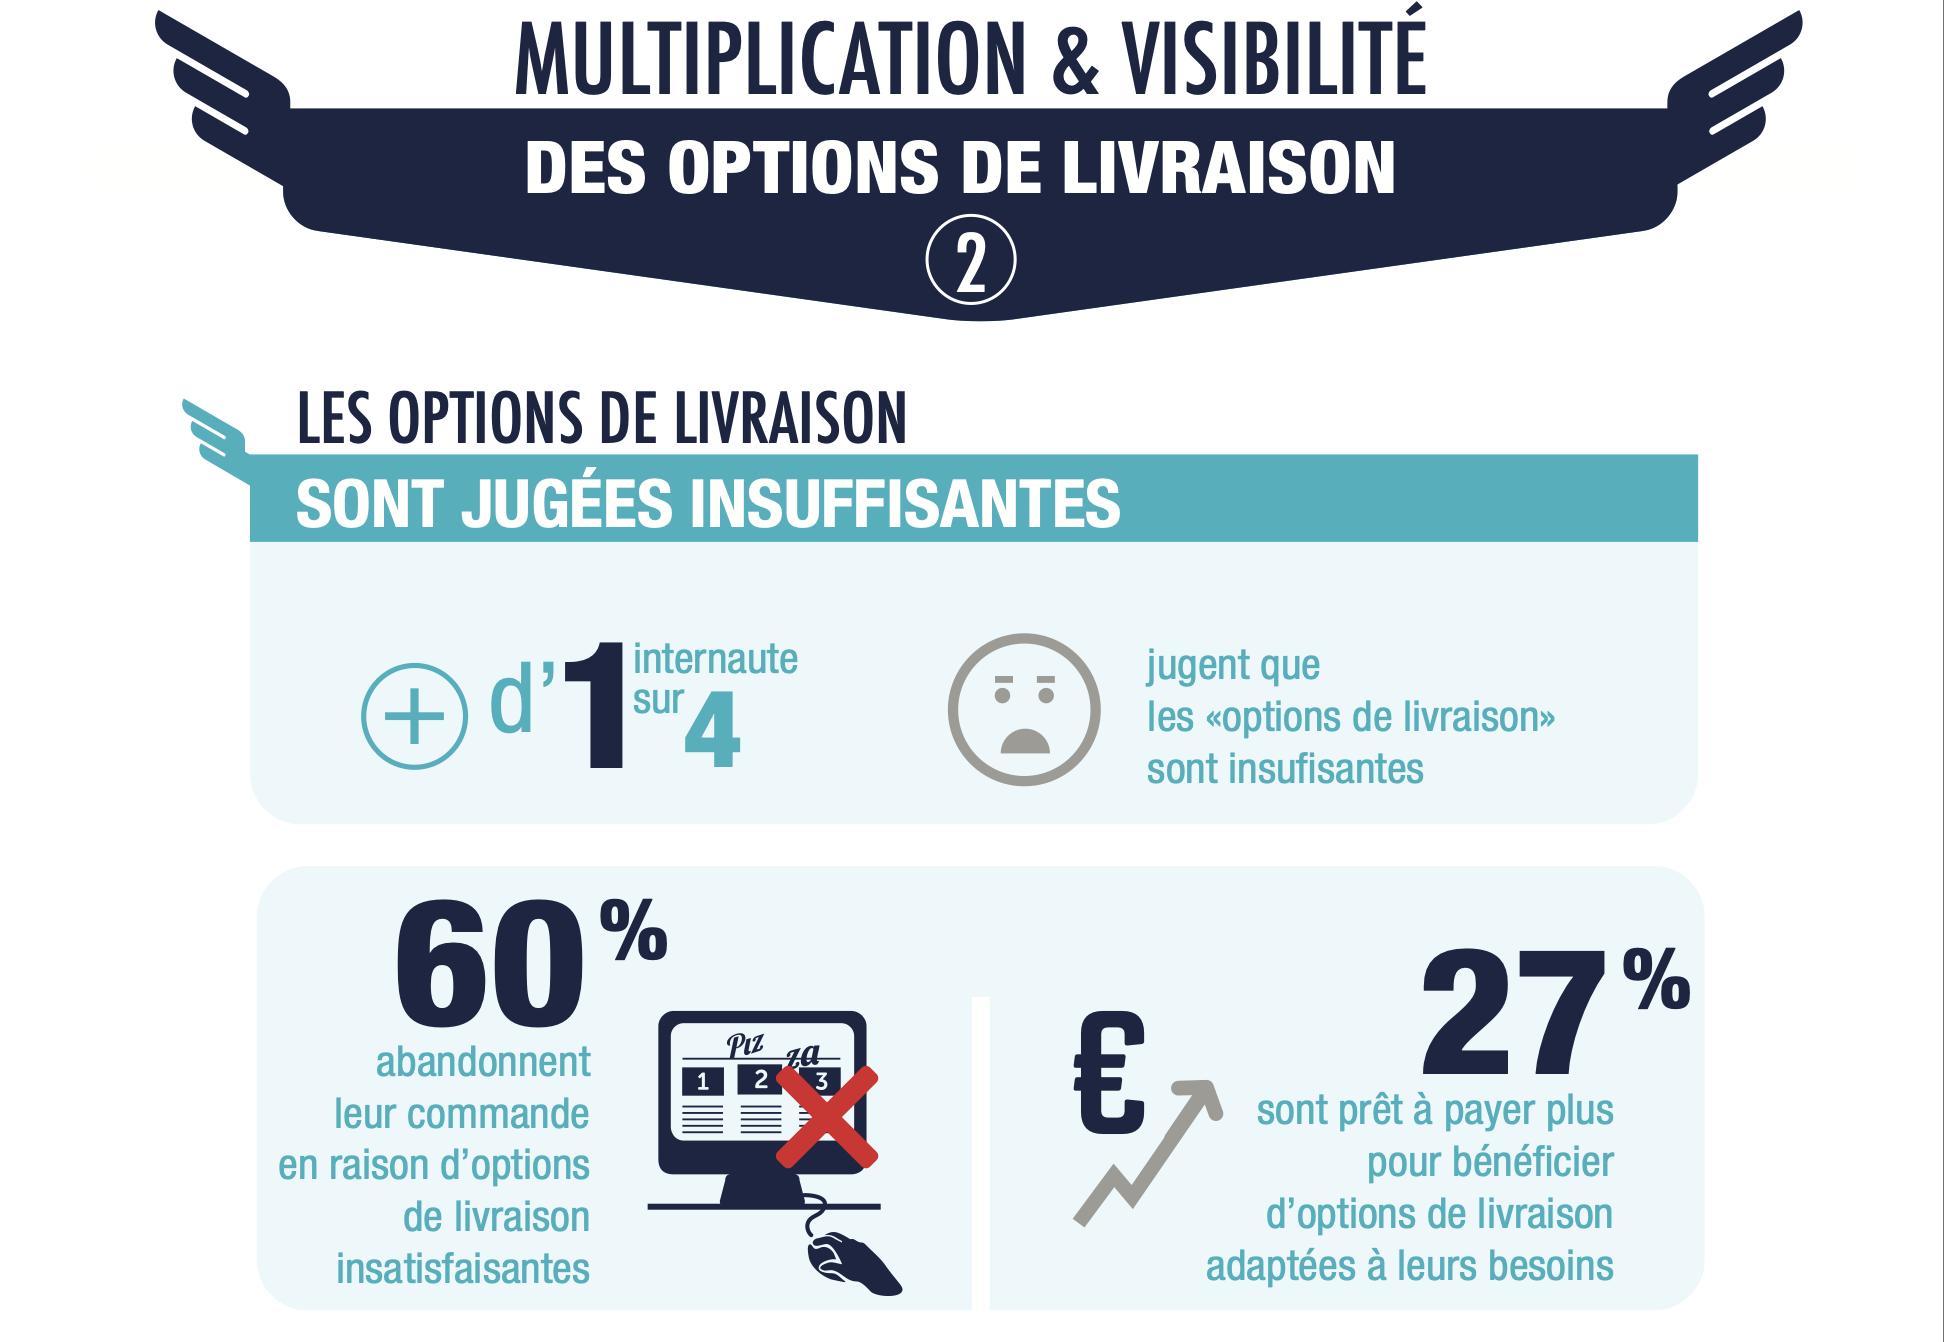 Les options de livraison e-commerce pas assez satisfaisantes pour les consommateurs français